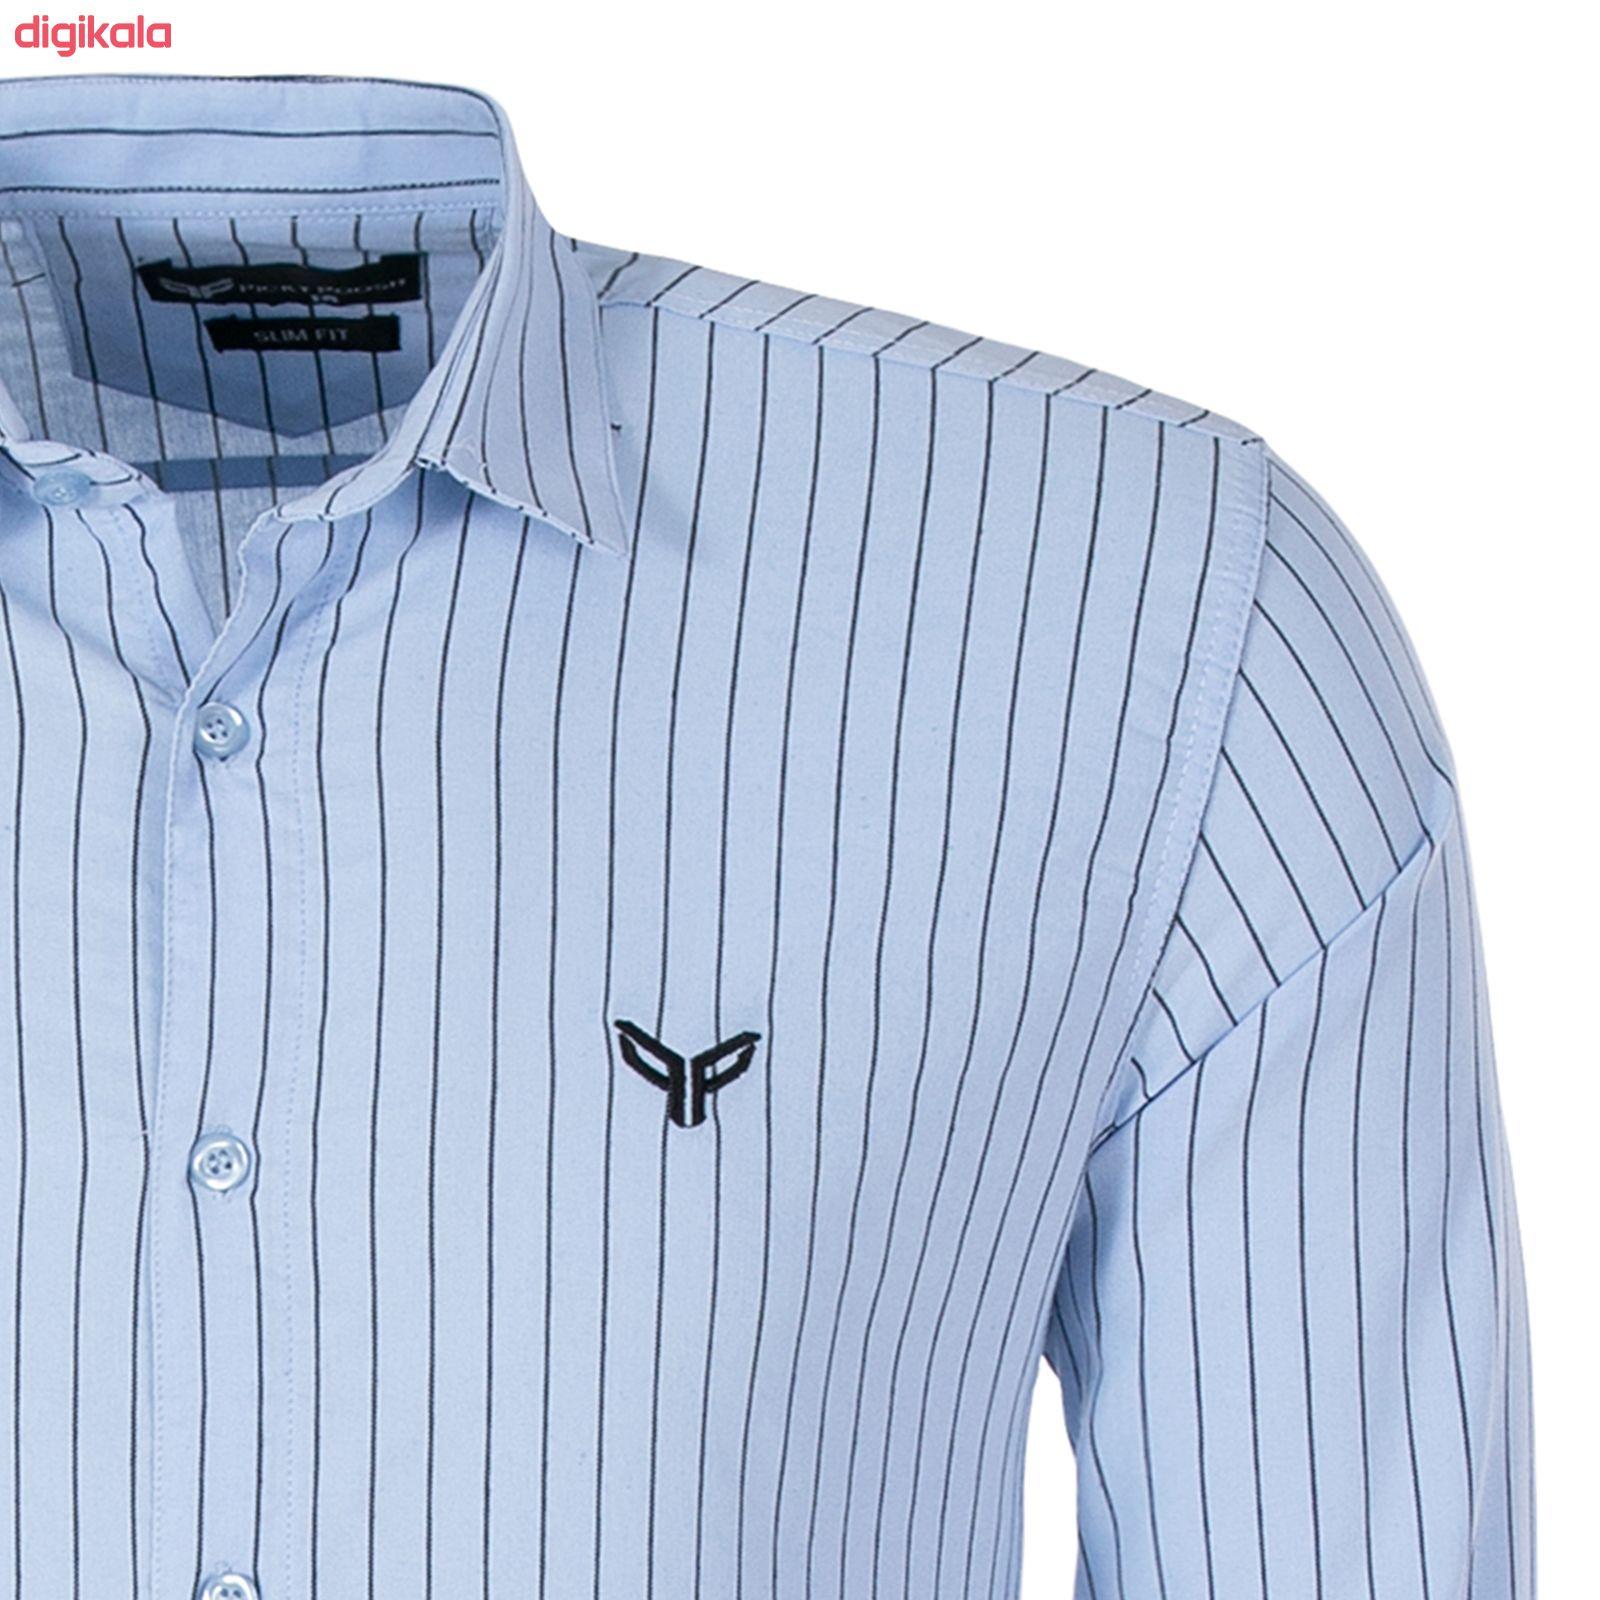 پیراهن مردانه پیکی پوش مدل M02347 main 1 3